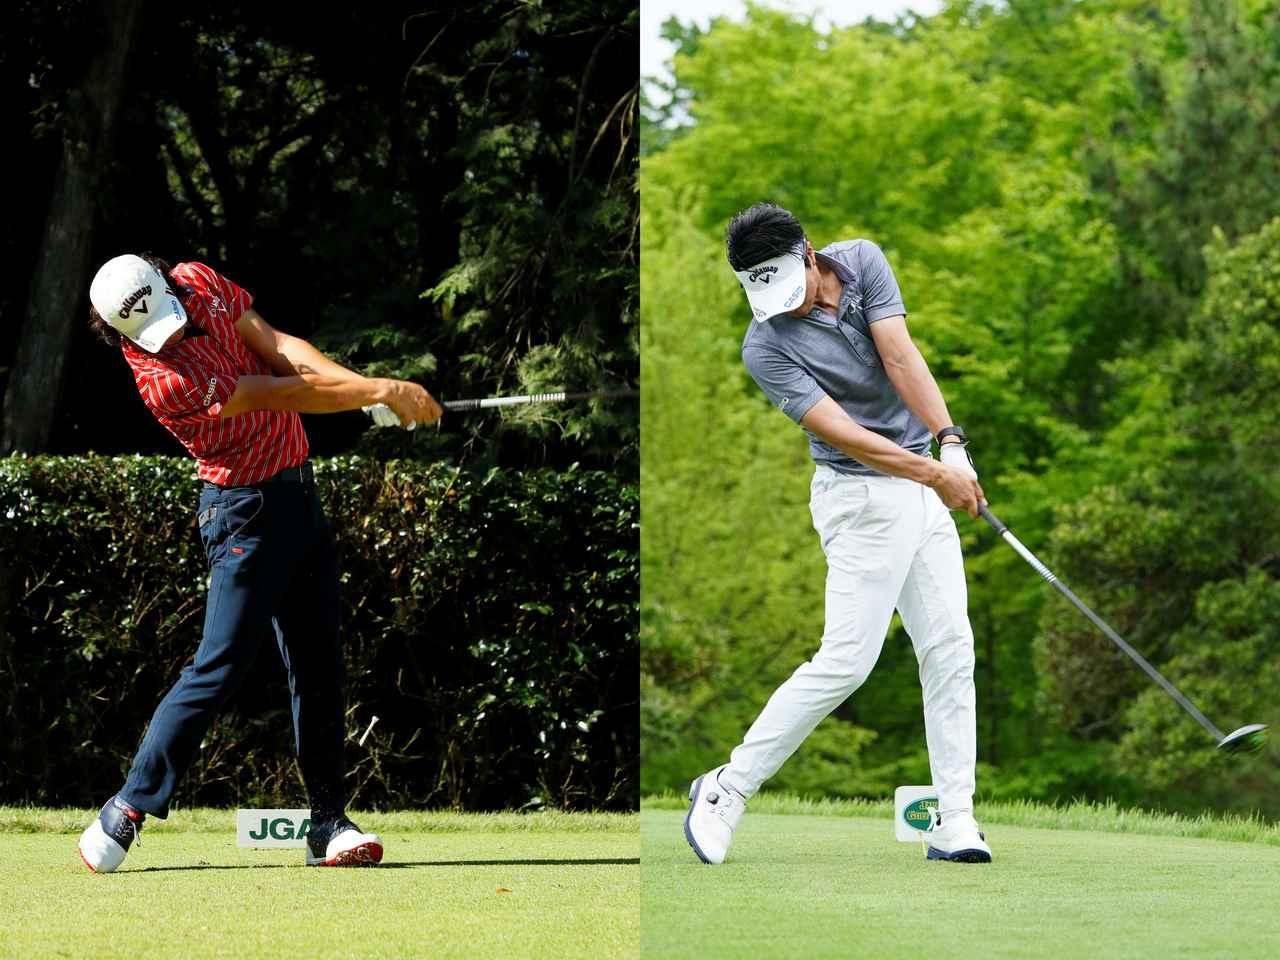 画像: 19年(右)は17年(左)より腰の回転でクラブにエネルギーを伝えるスウィングになっている( 撮影/姉﨑正、岡沢裕行)